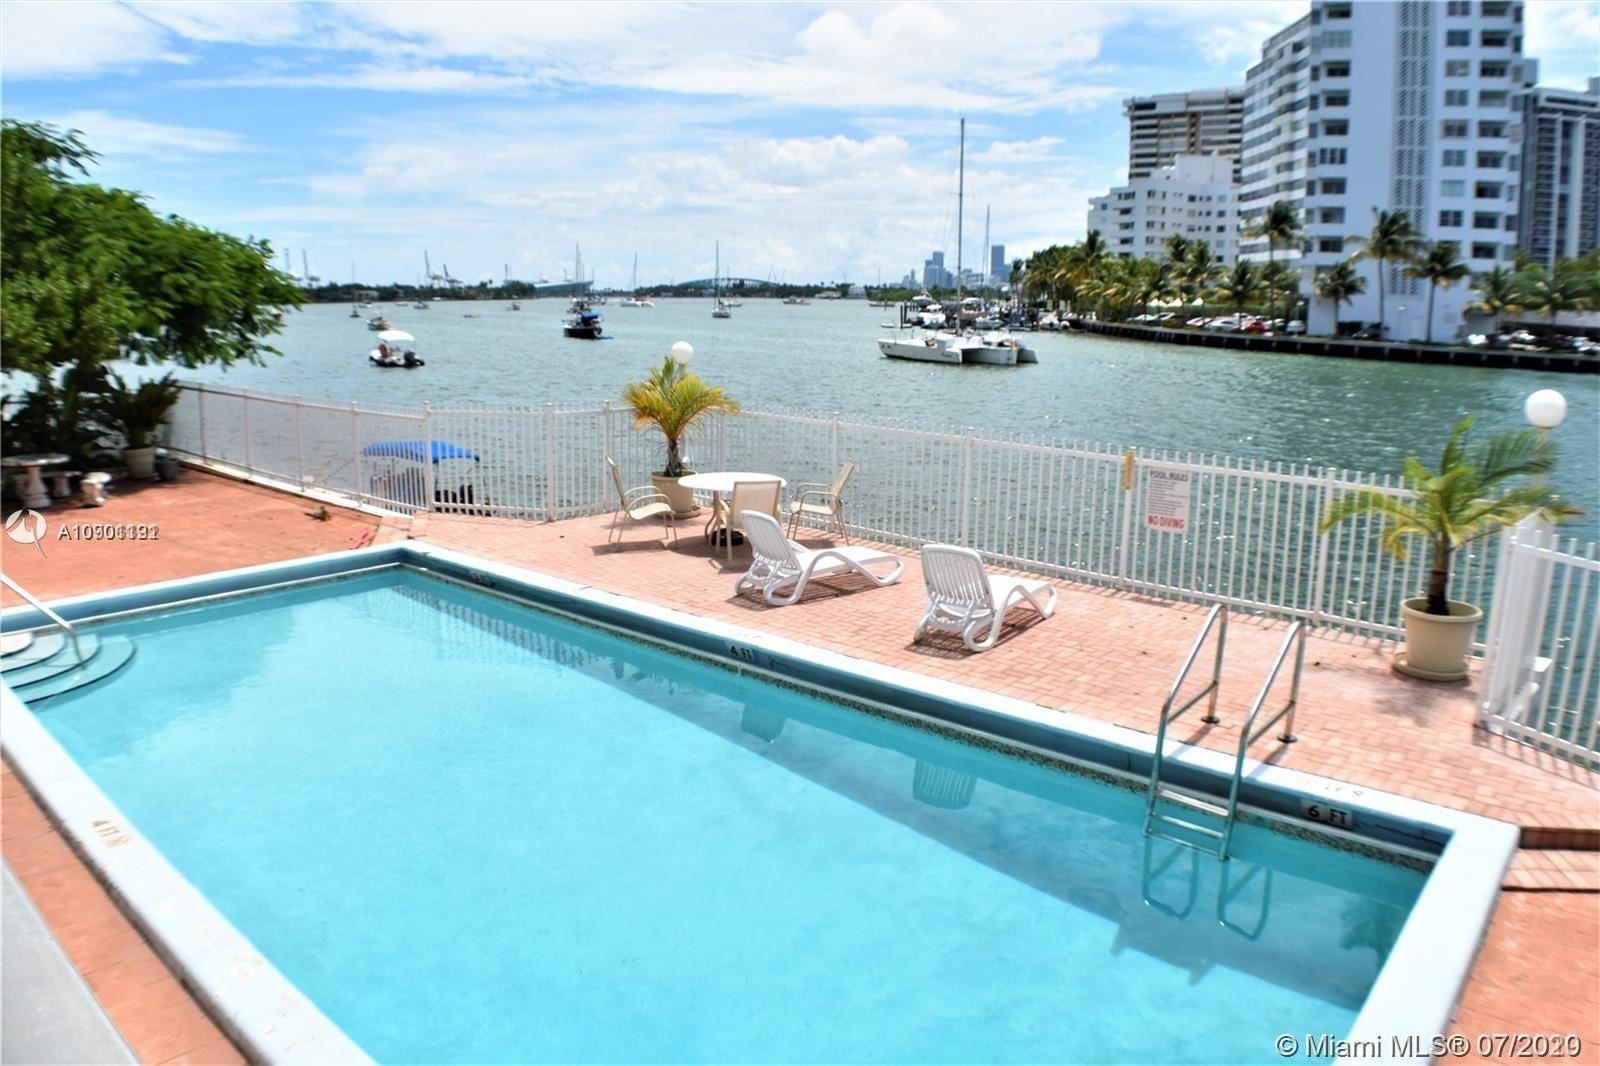 1441 Lincoln Rd #317, Miami Beach, FL 33139 - #: A10901191